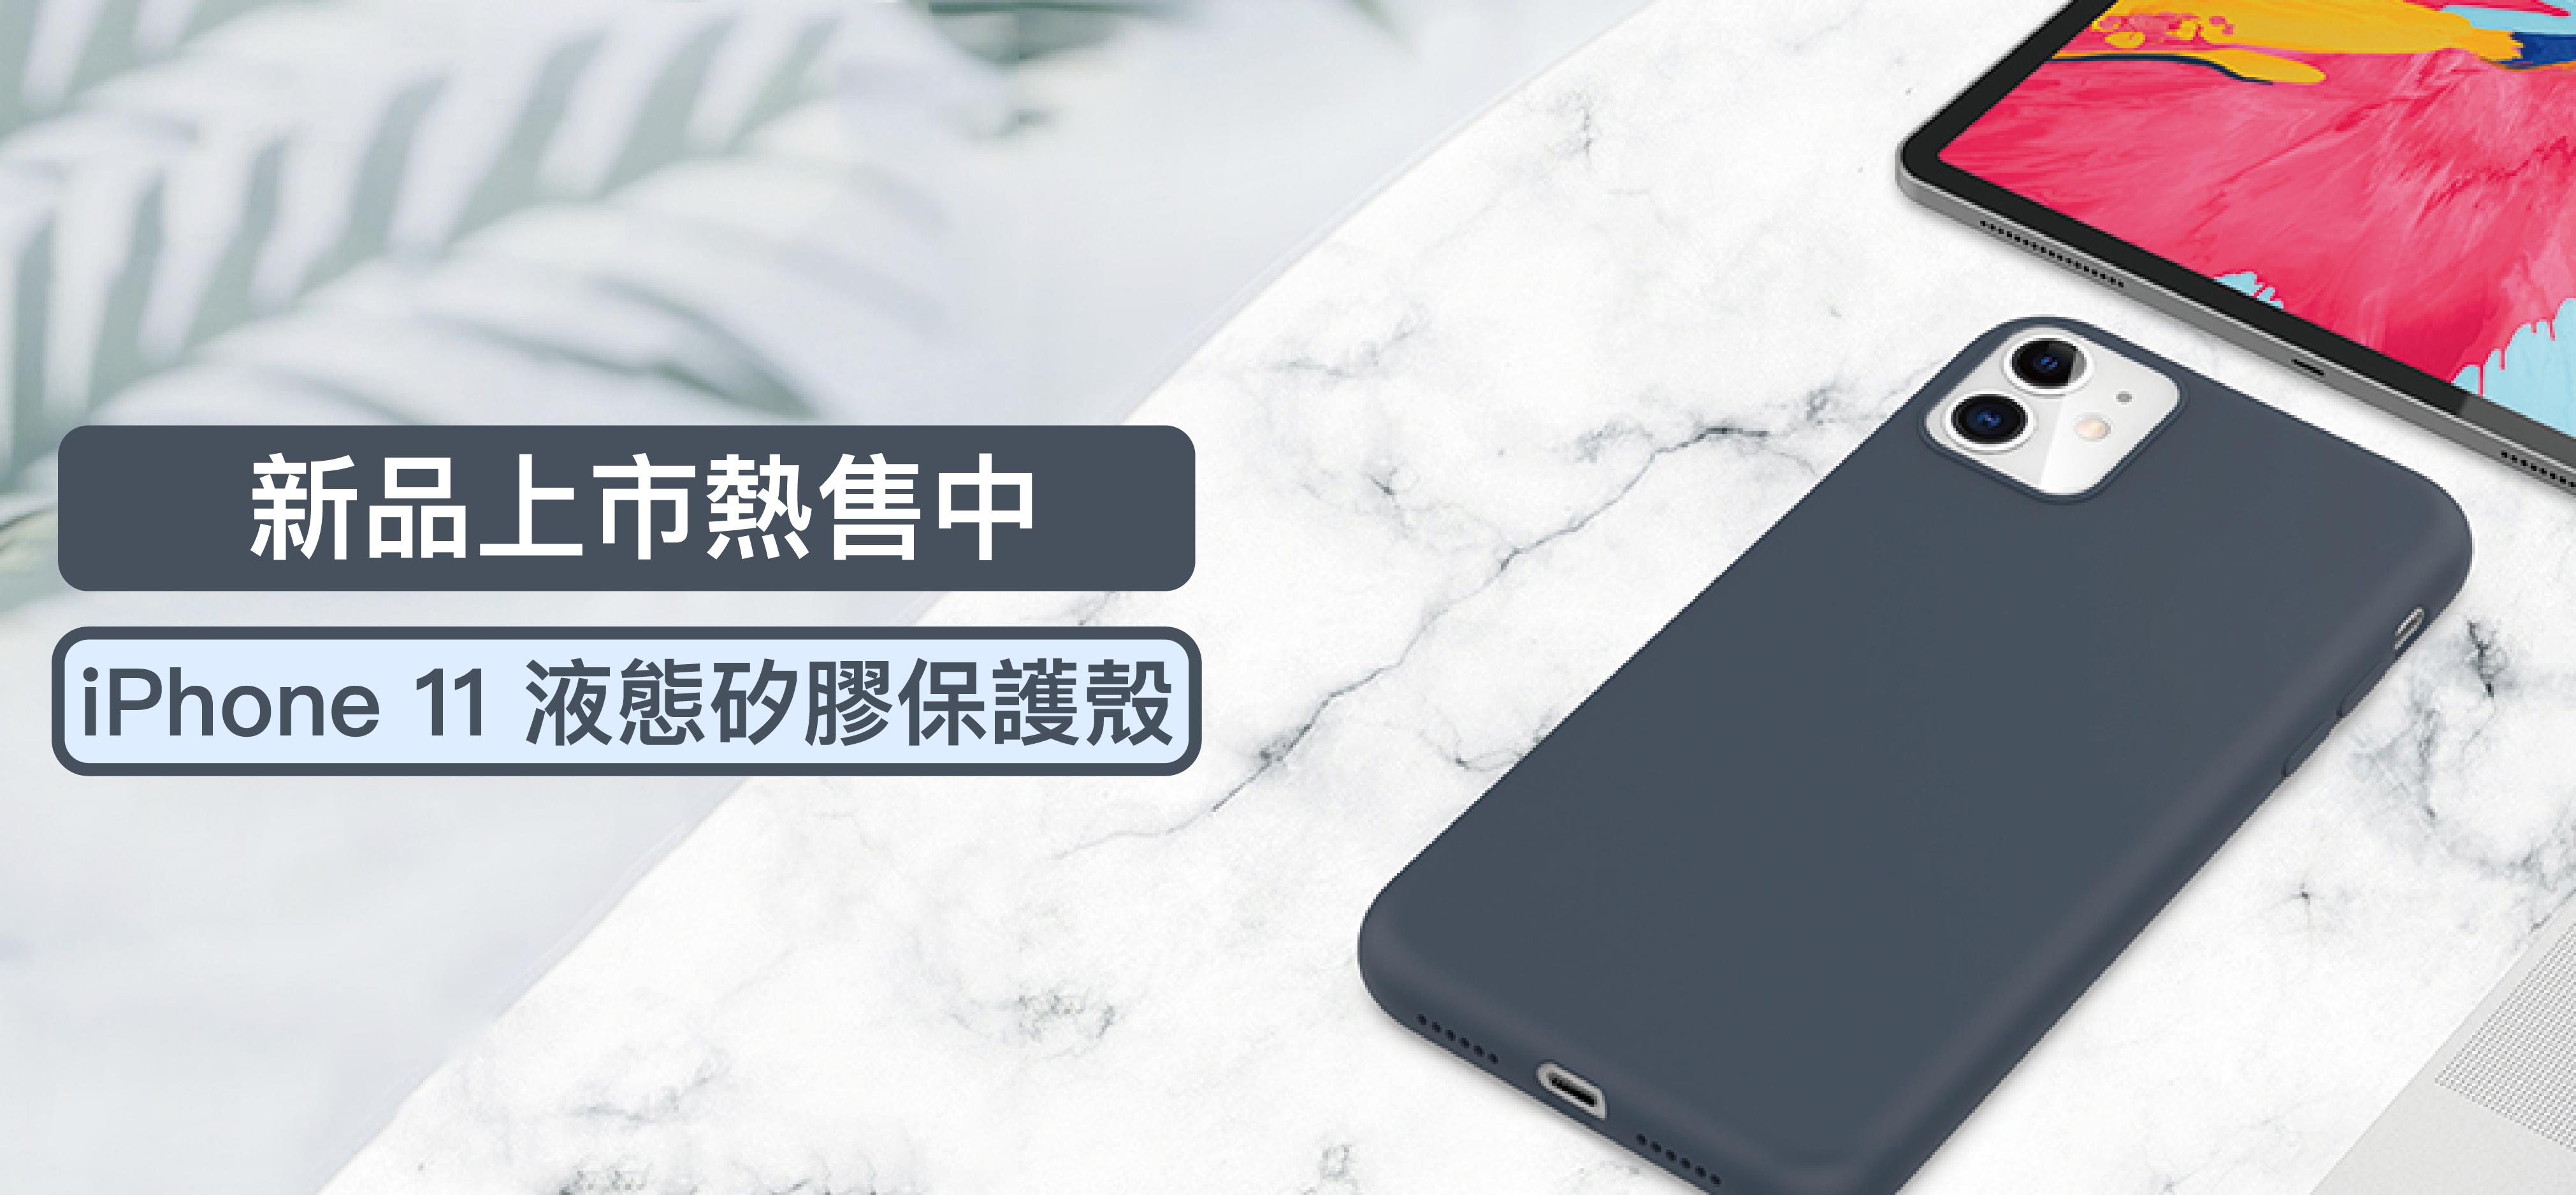 iphonecase,iphone11